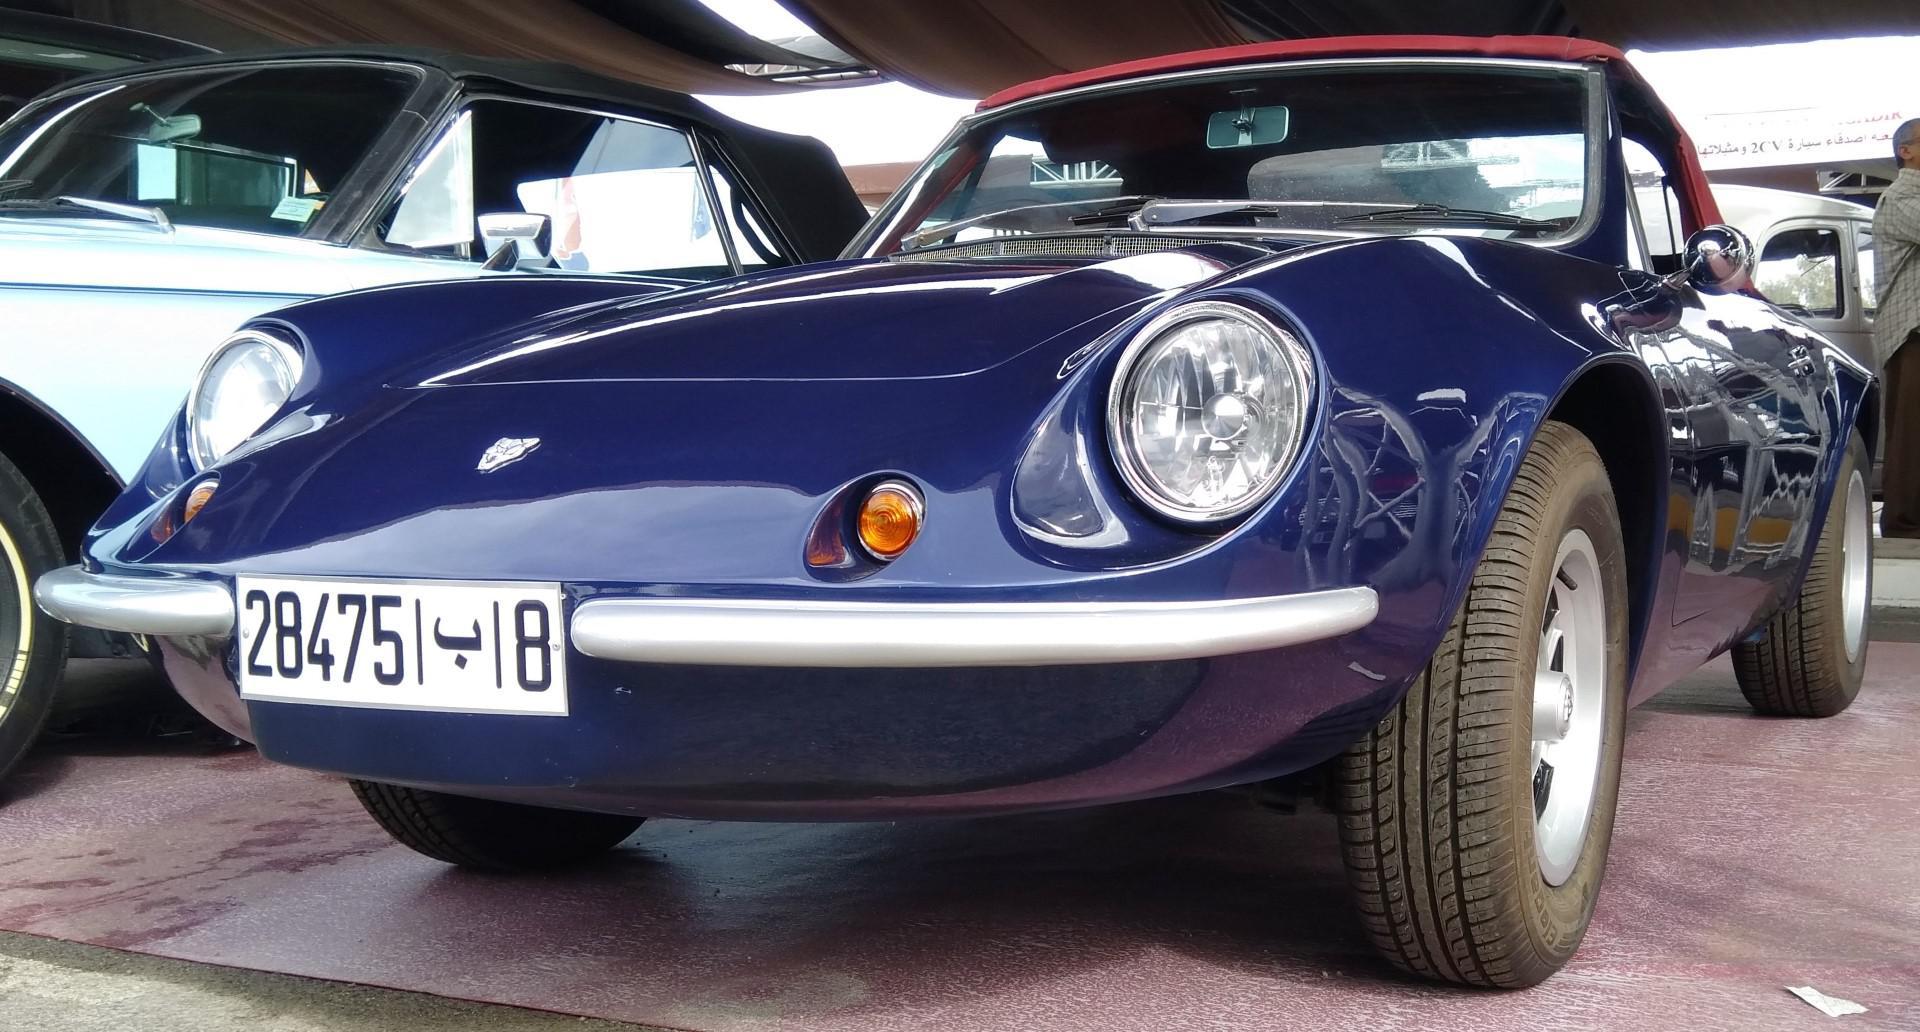 les-voitures-de-sports-du-classic-cars-expo-2019-1137-7.jpg